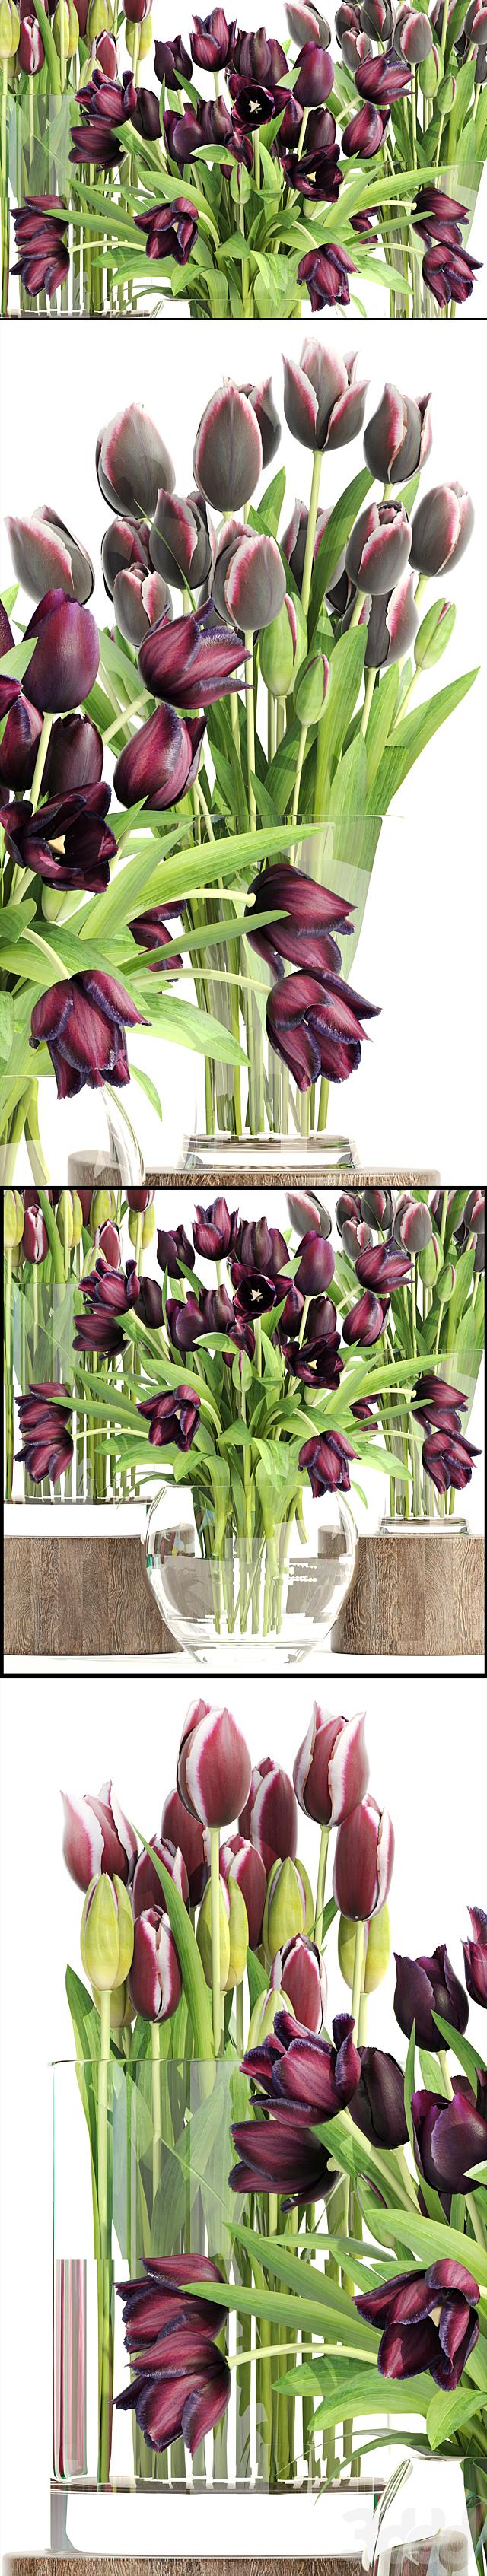 Коллекция цветов 1. Тюльпаны.